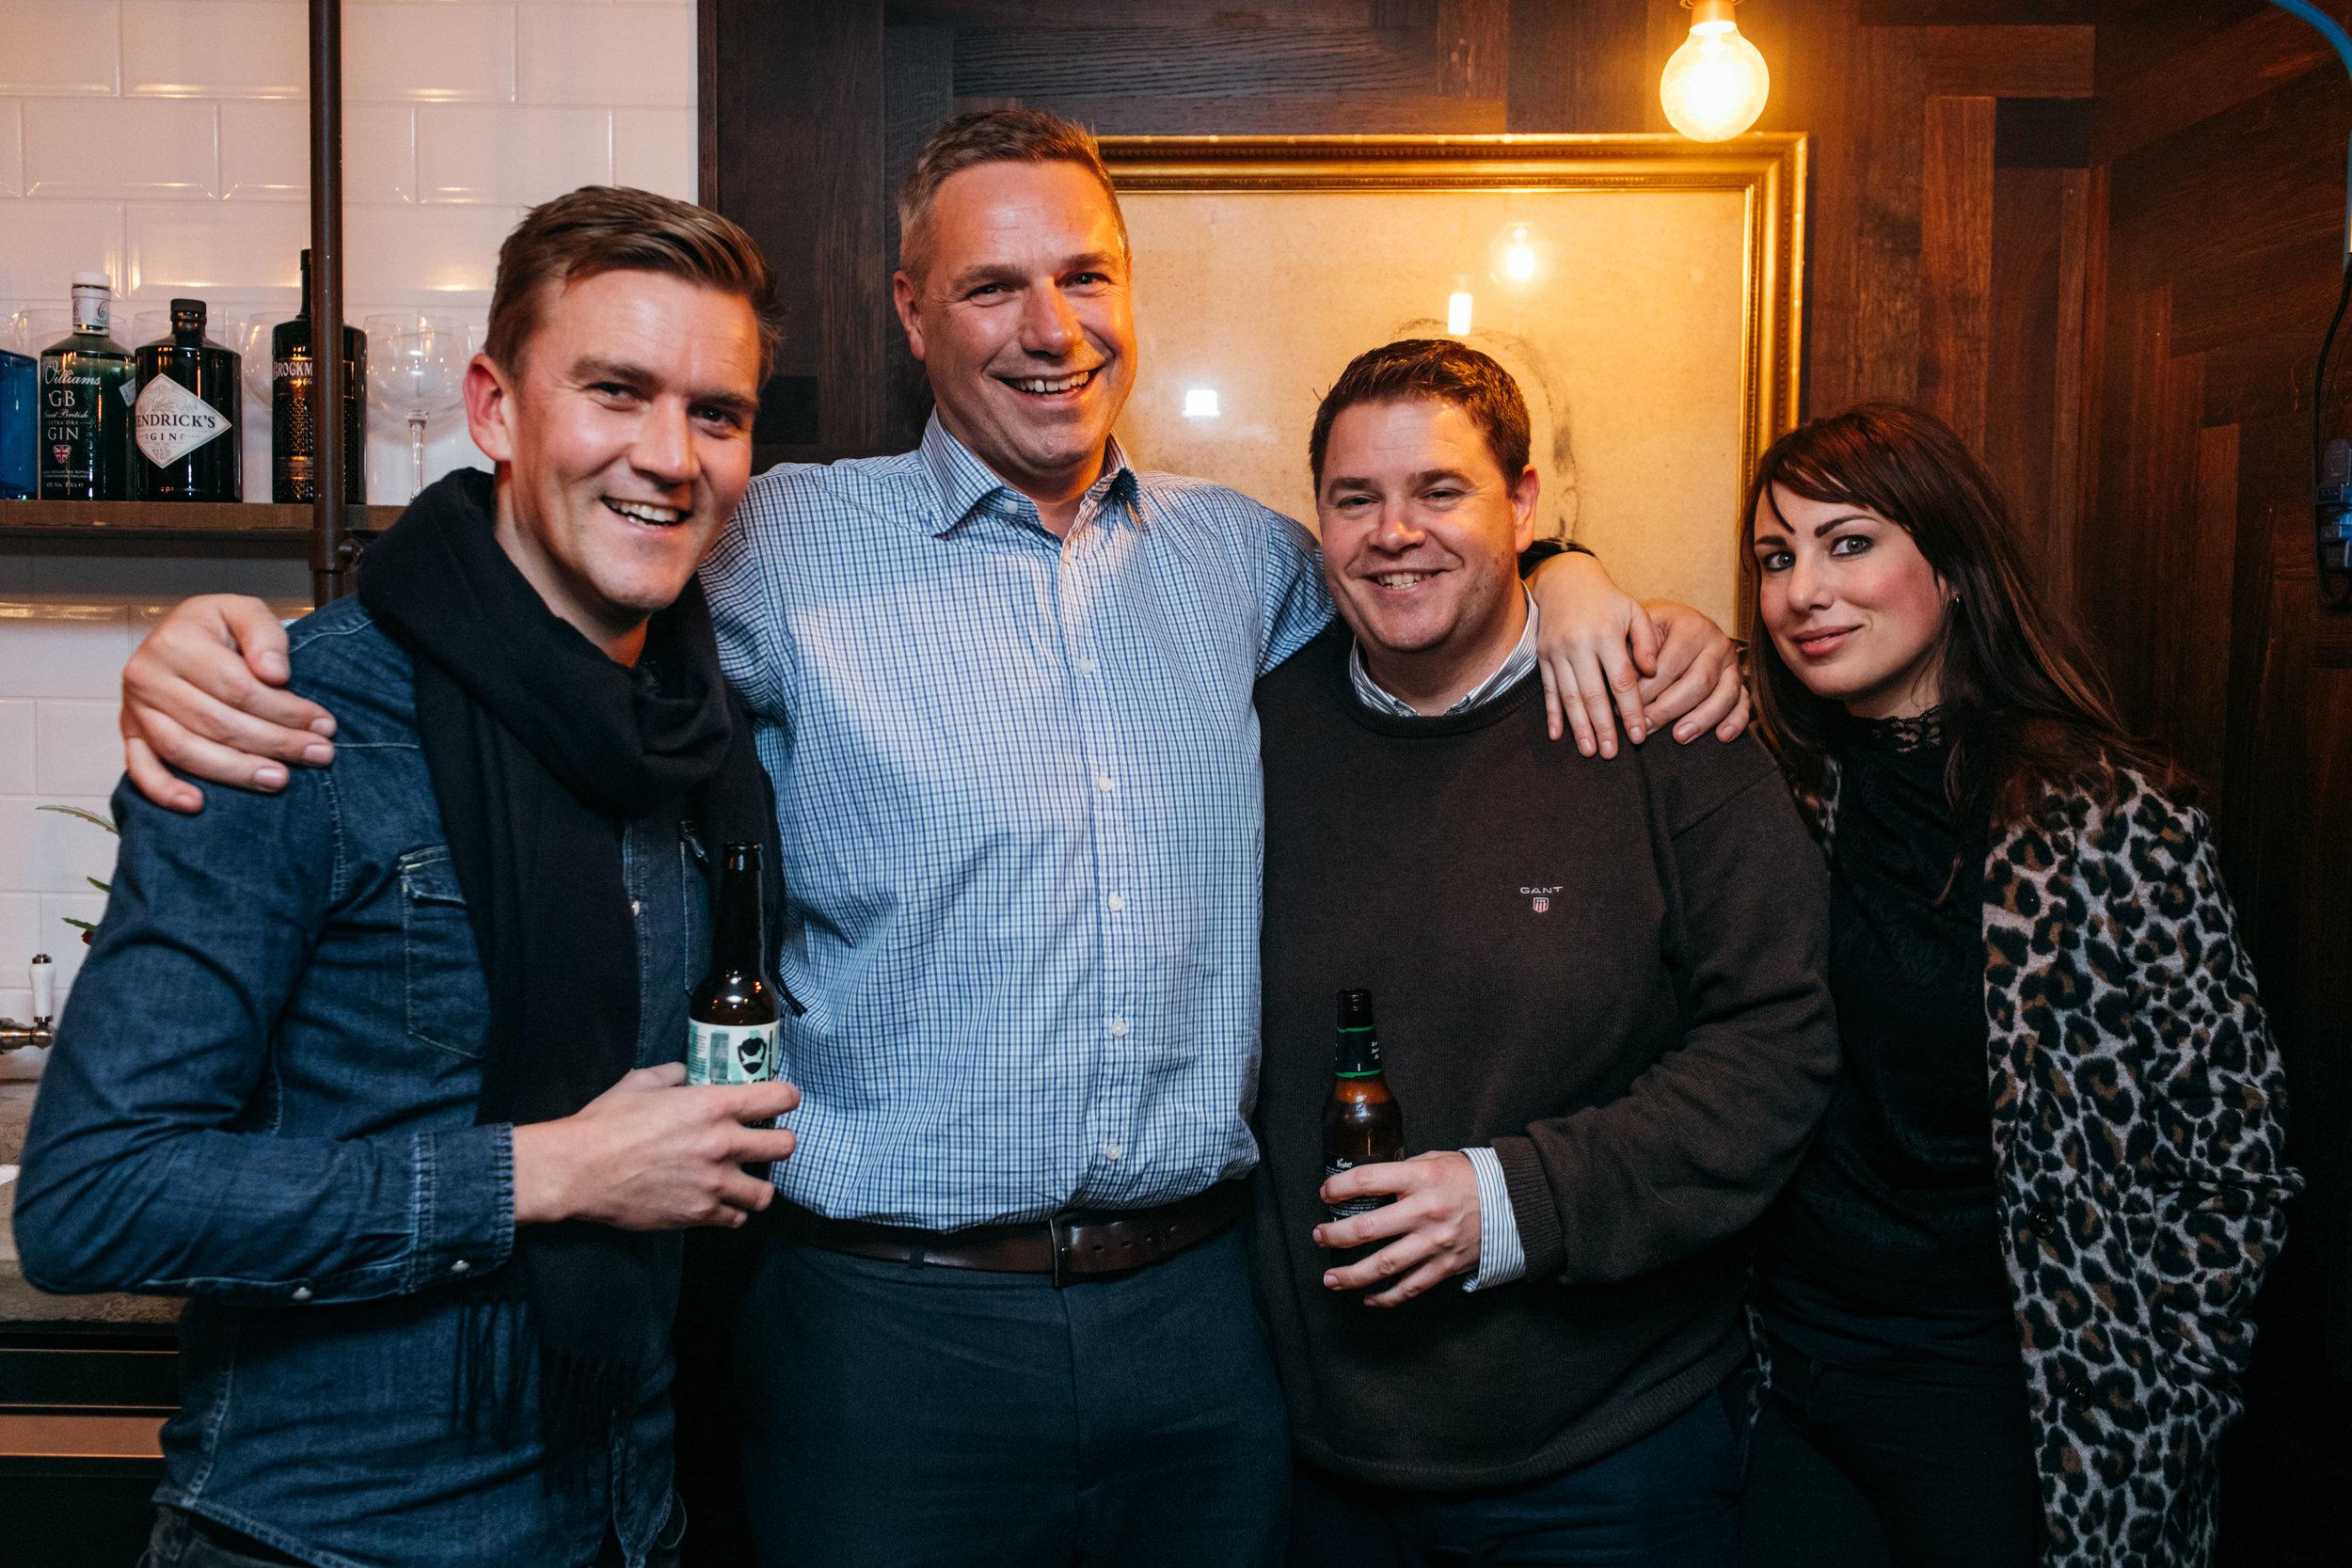 Olly, Dan, Luke and Dara